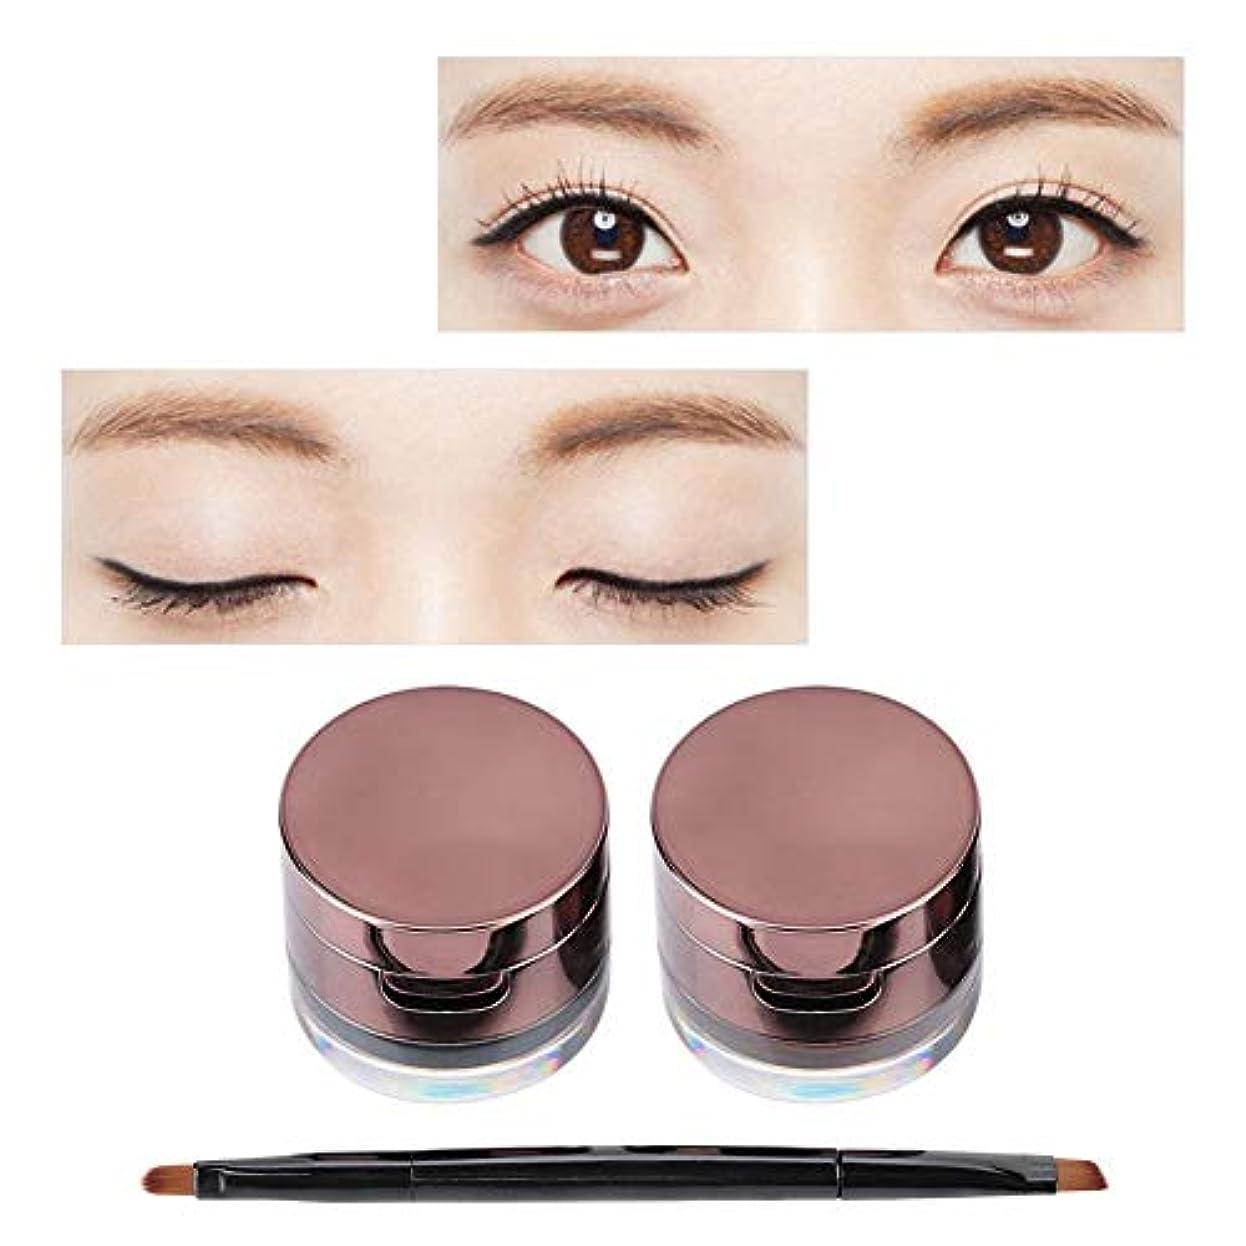 原子炉エコー分析眉毛パウダーセット、ミスファイブメイクアップアイライナー眉毛パウダーセット防水化粧品ブラシキット